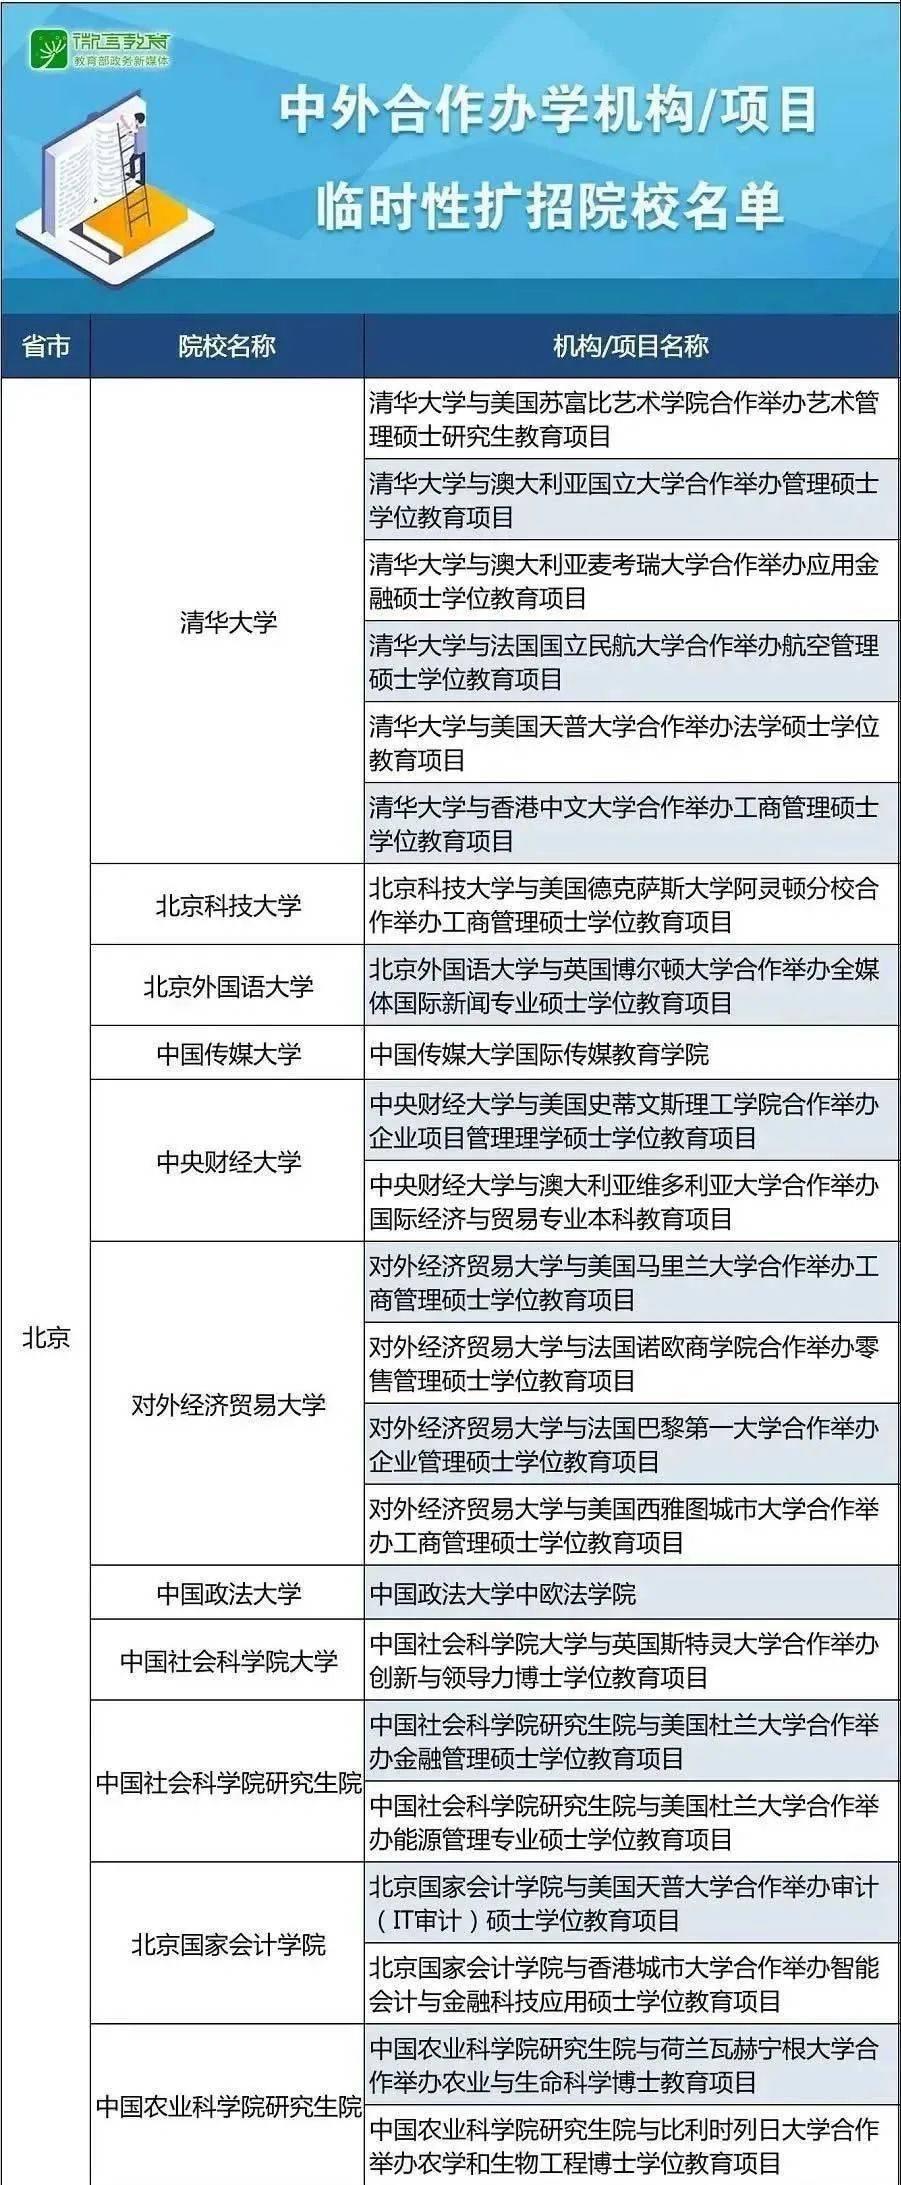 留学生有救了!教育部新政,允许广大国内高校接收留学生